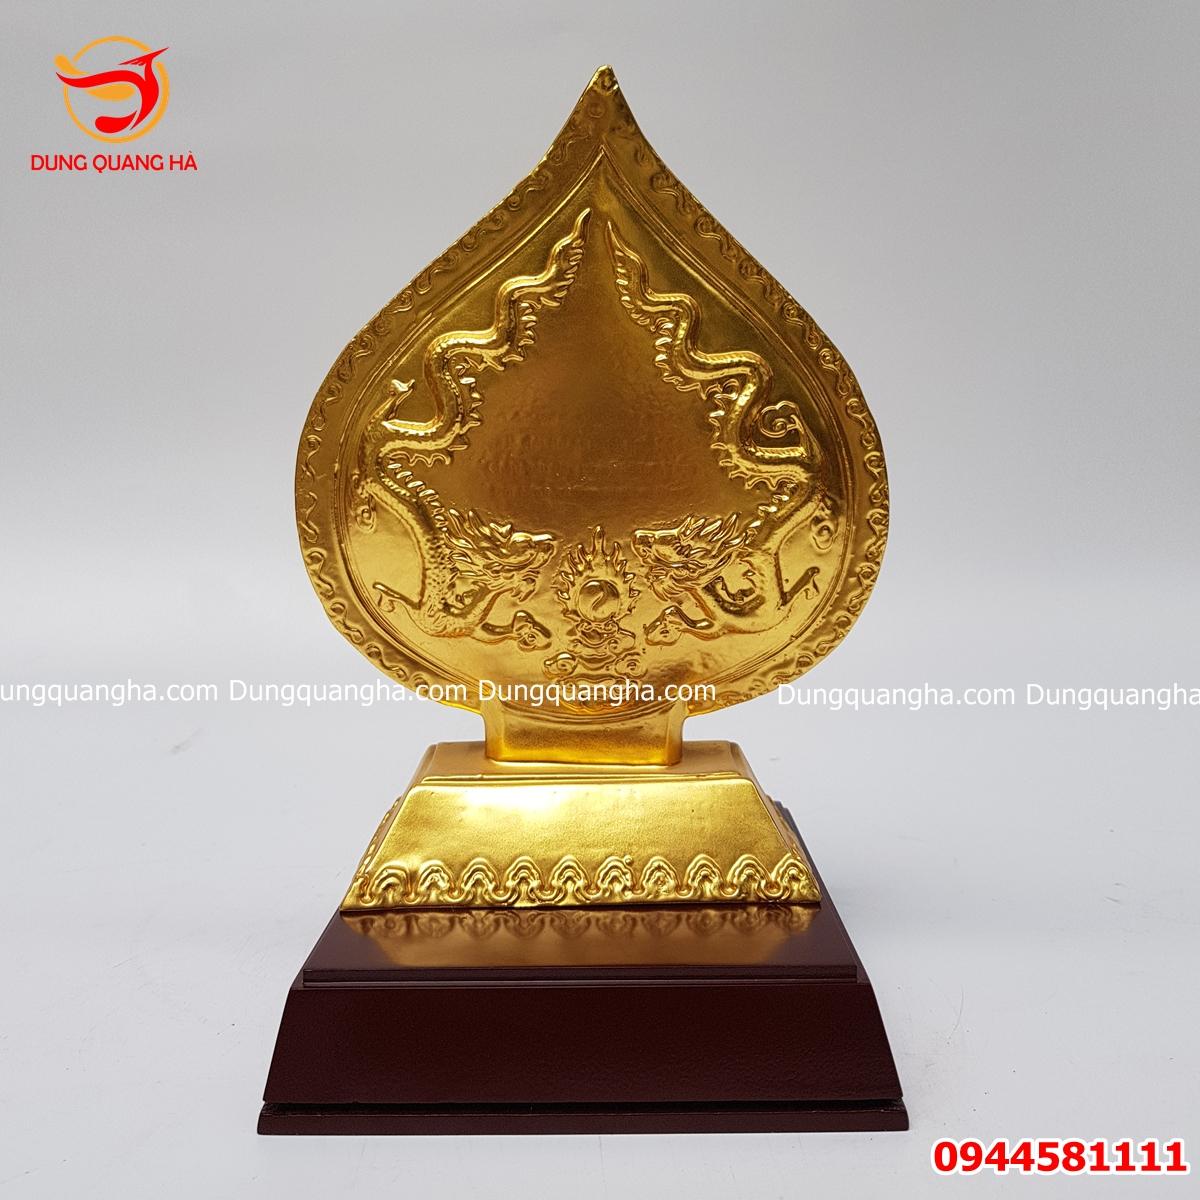 Lá đề tượng Phật Trần Nhân Tông